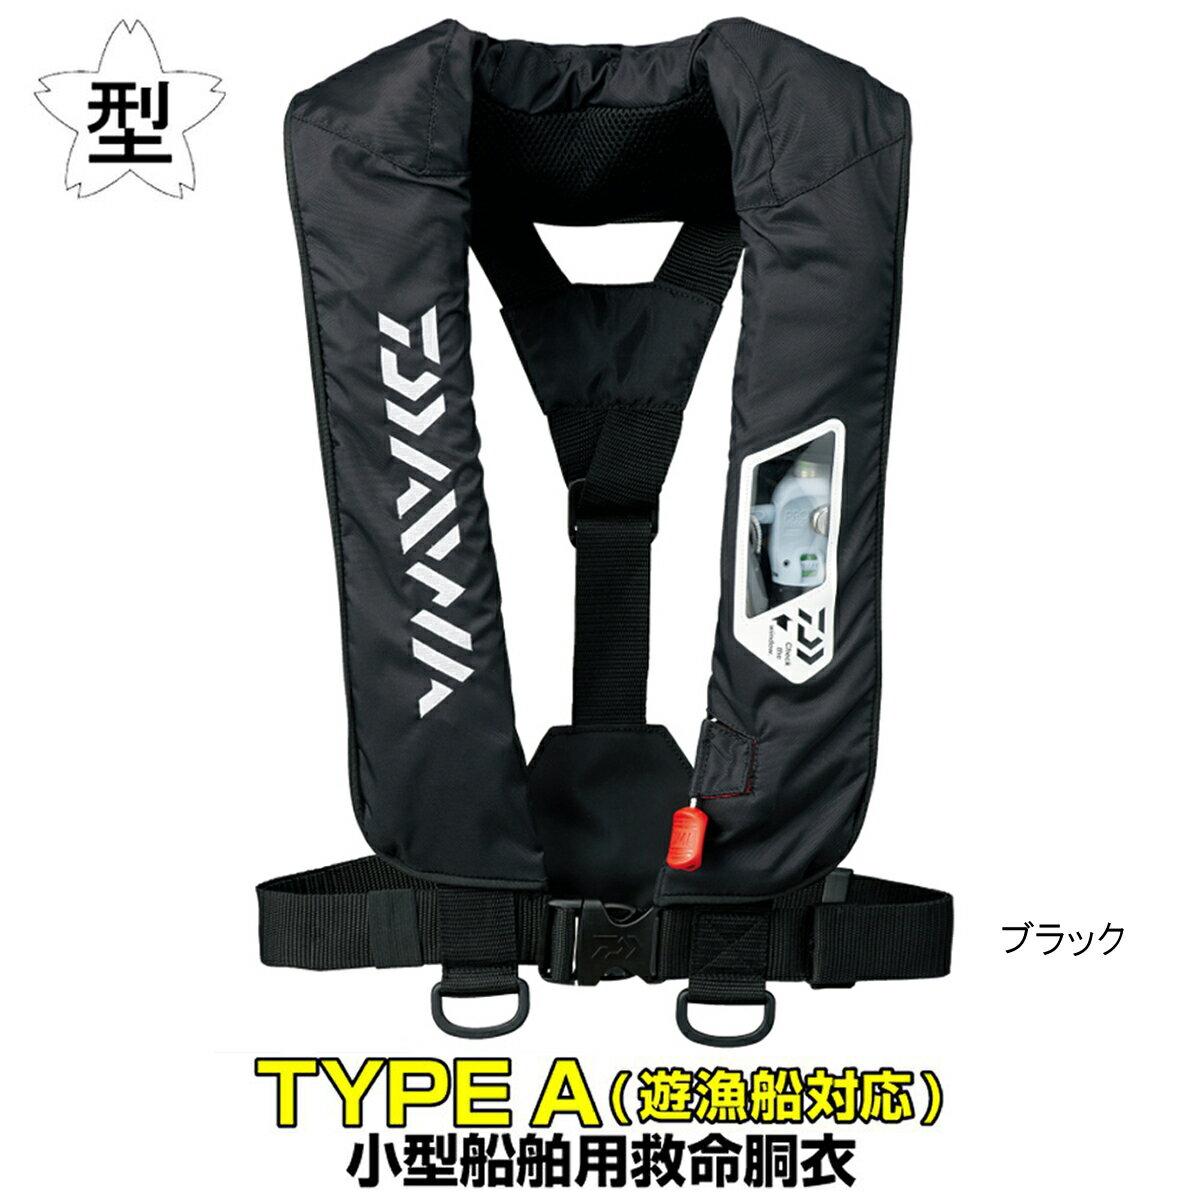 ダイワ ウォッシャブルライフジャケット(肩掛けタイプ手動・自動膨脹式) DF-2007 フリー ブラック TYPE A ※遊漁船対応